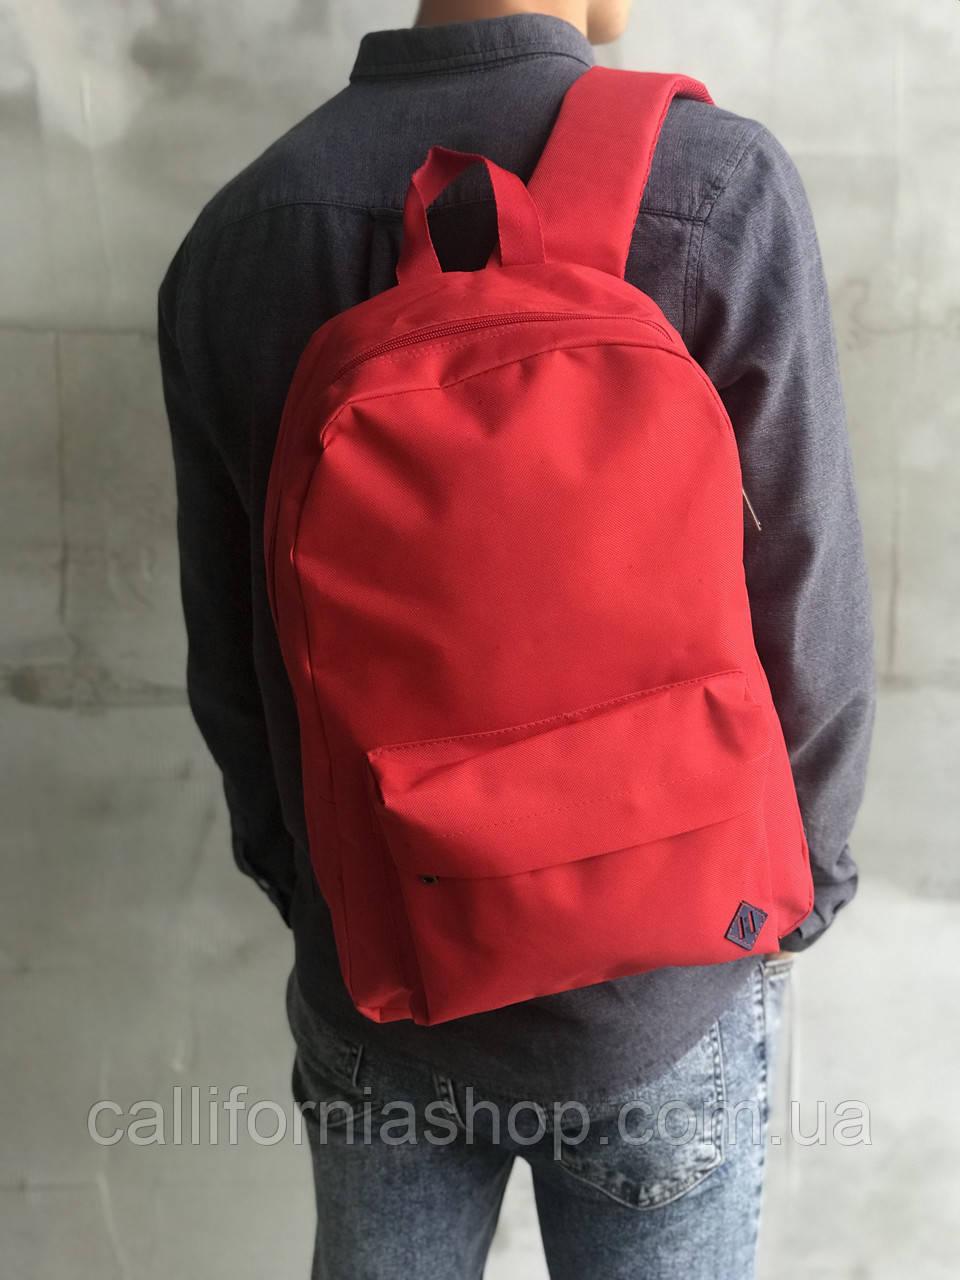 Червоний чоловічий рюкзак 7 літрів